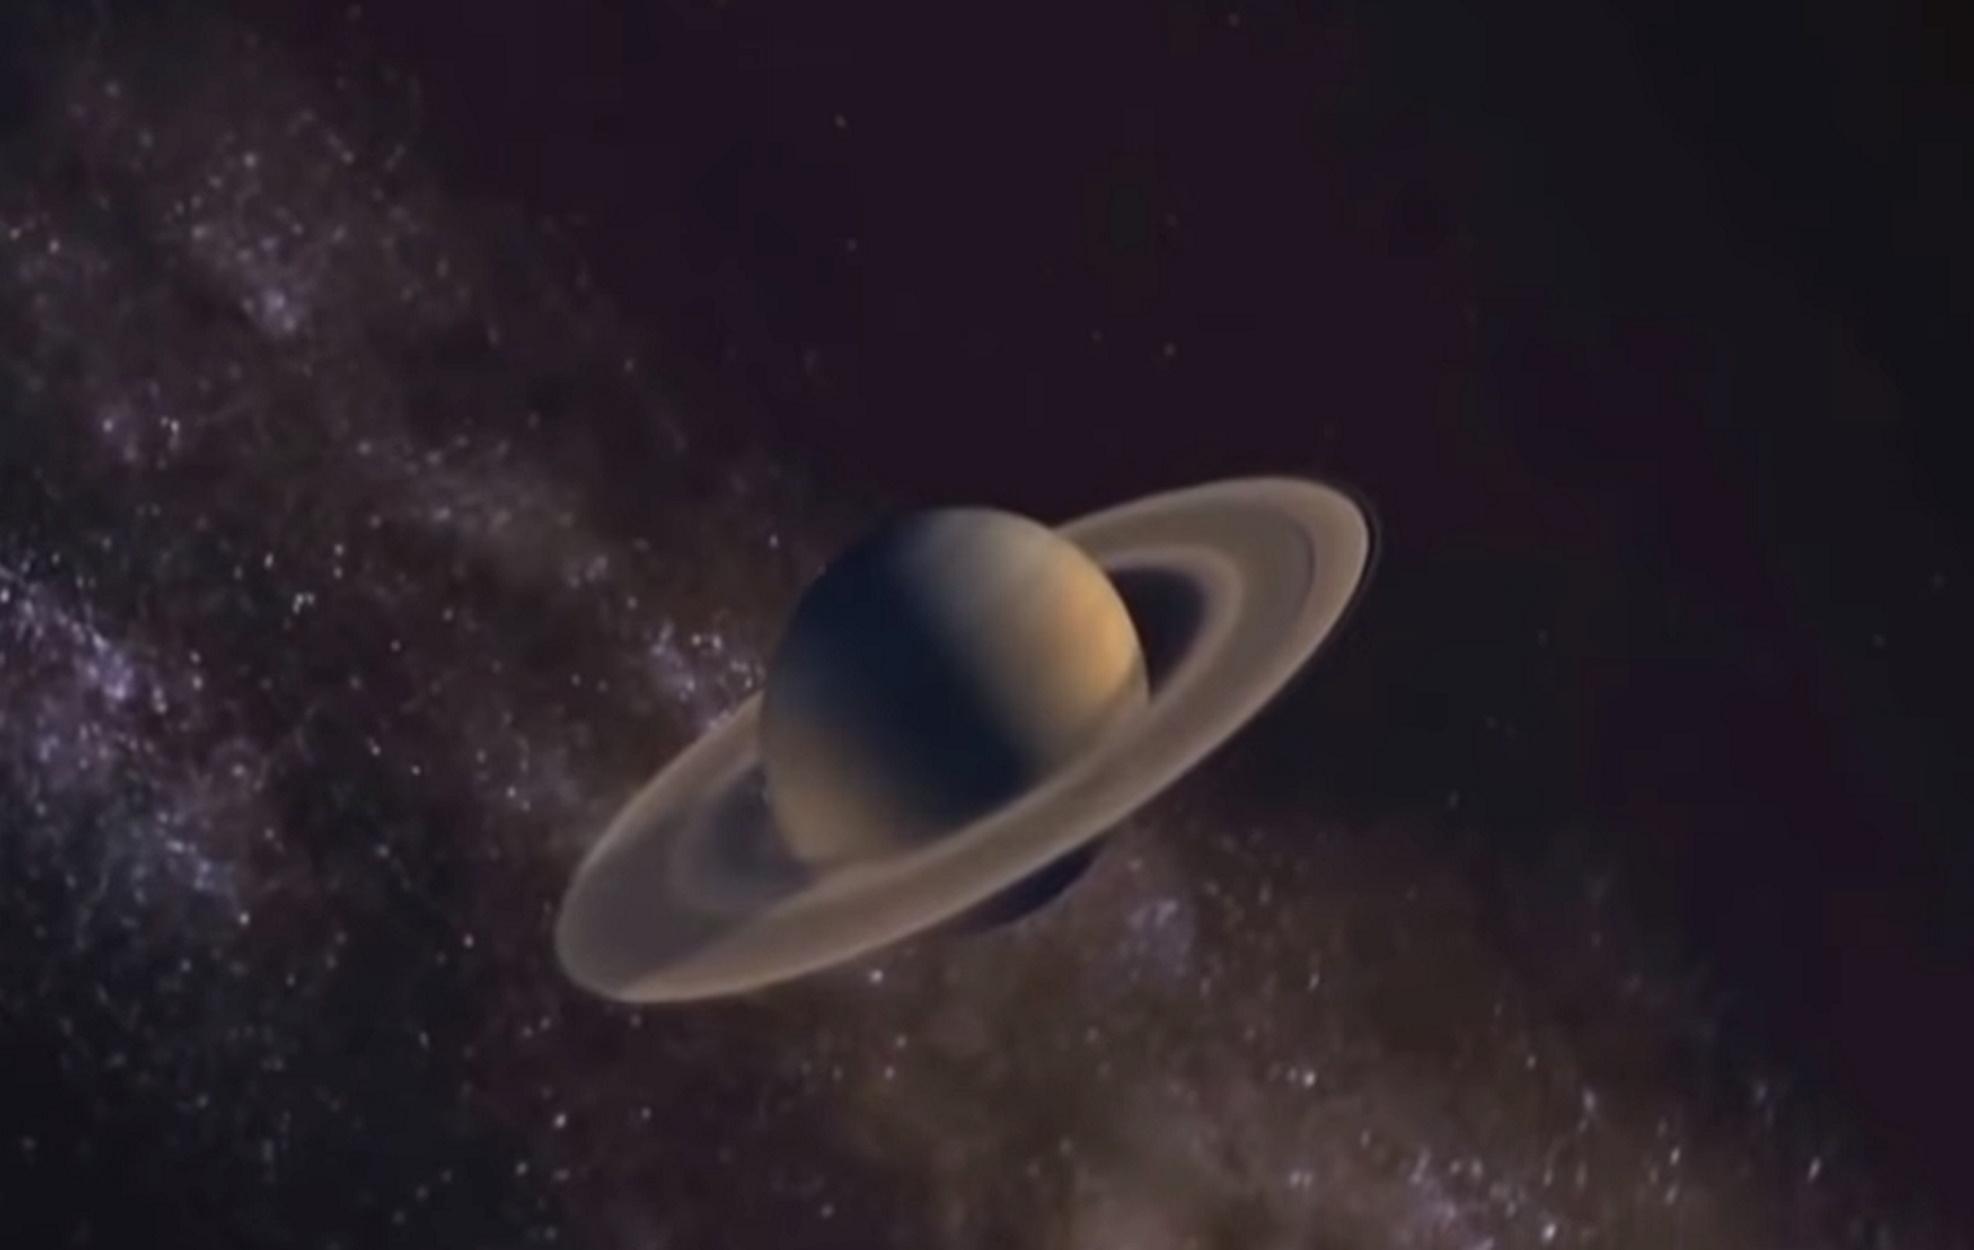 Νεαρός Έλληνας αστροφυσικός ανατρέπει τις θεωρίες για το Σύμπαν (video)